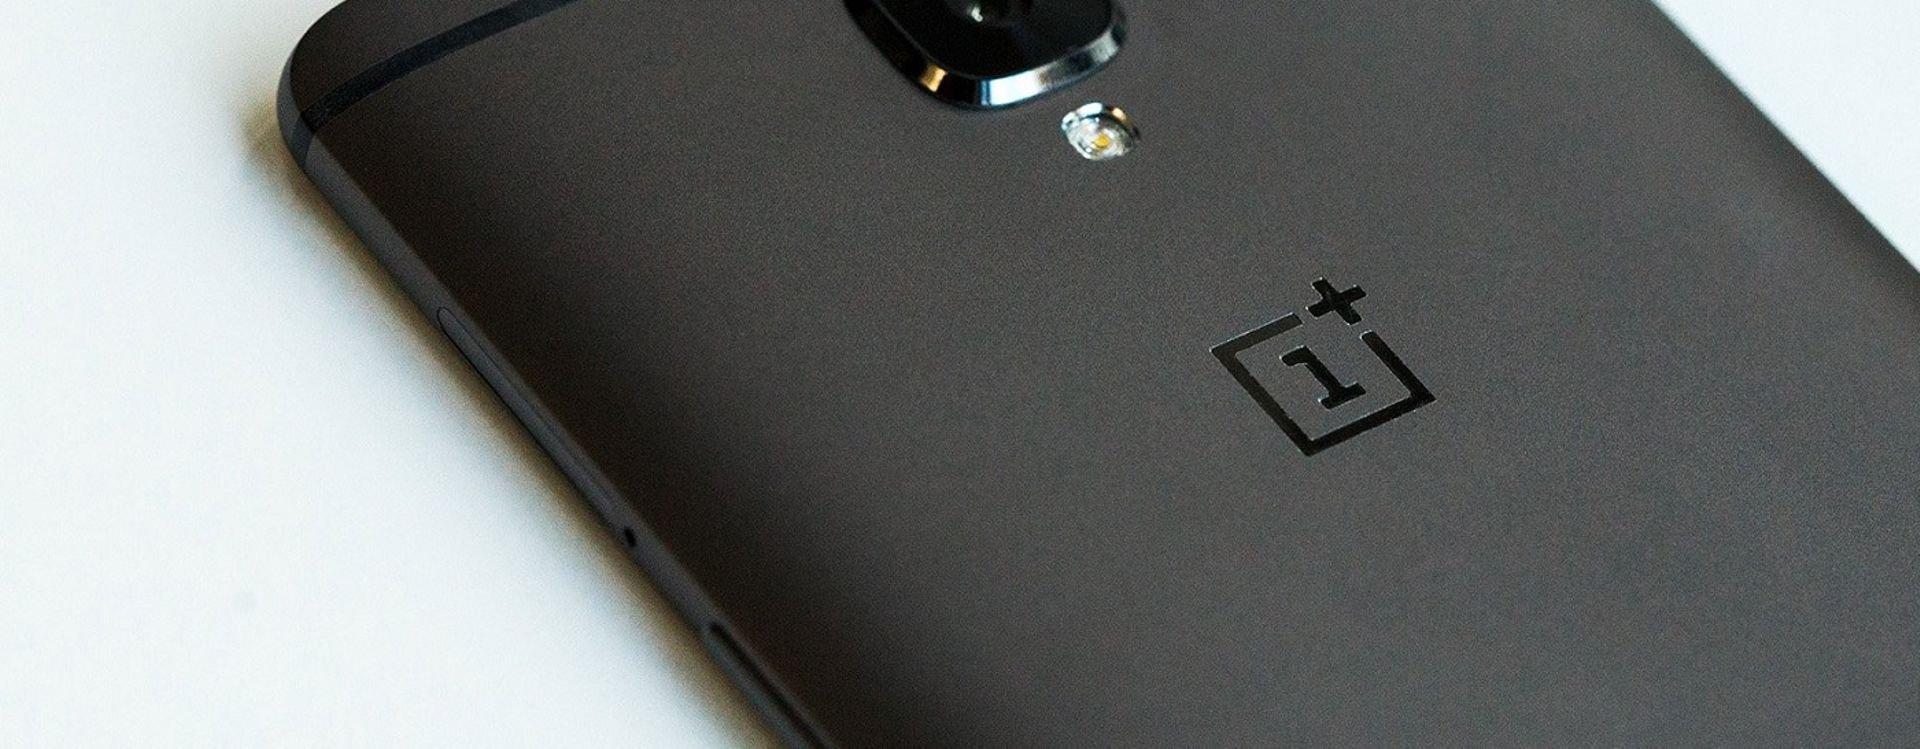 من المتوقع أن تعلن شركة ون بلس عن هواتف ون بلس 5 في أي وقت بين شهري حزيران وتموز 2017.